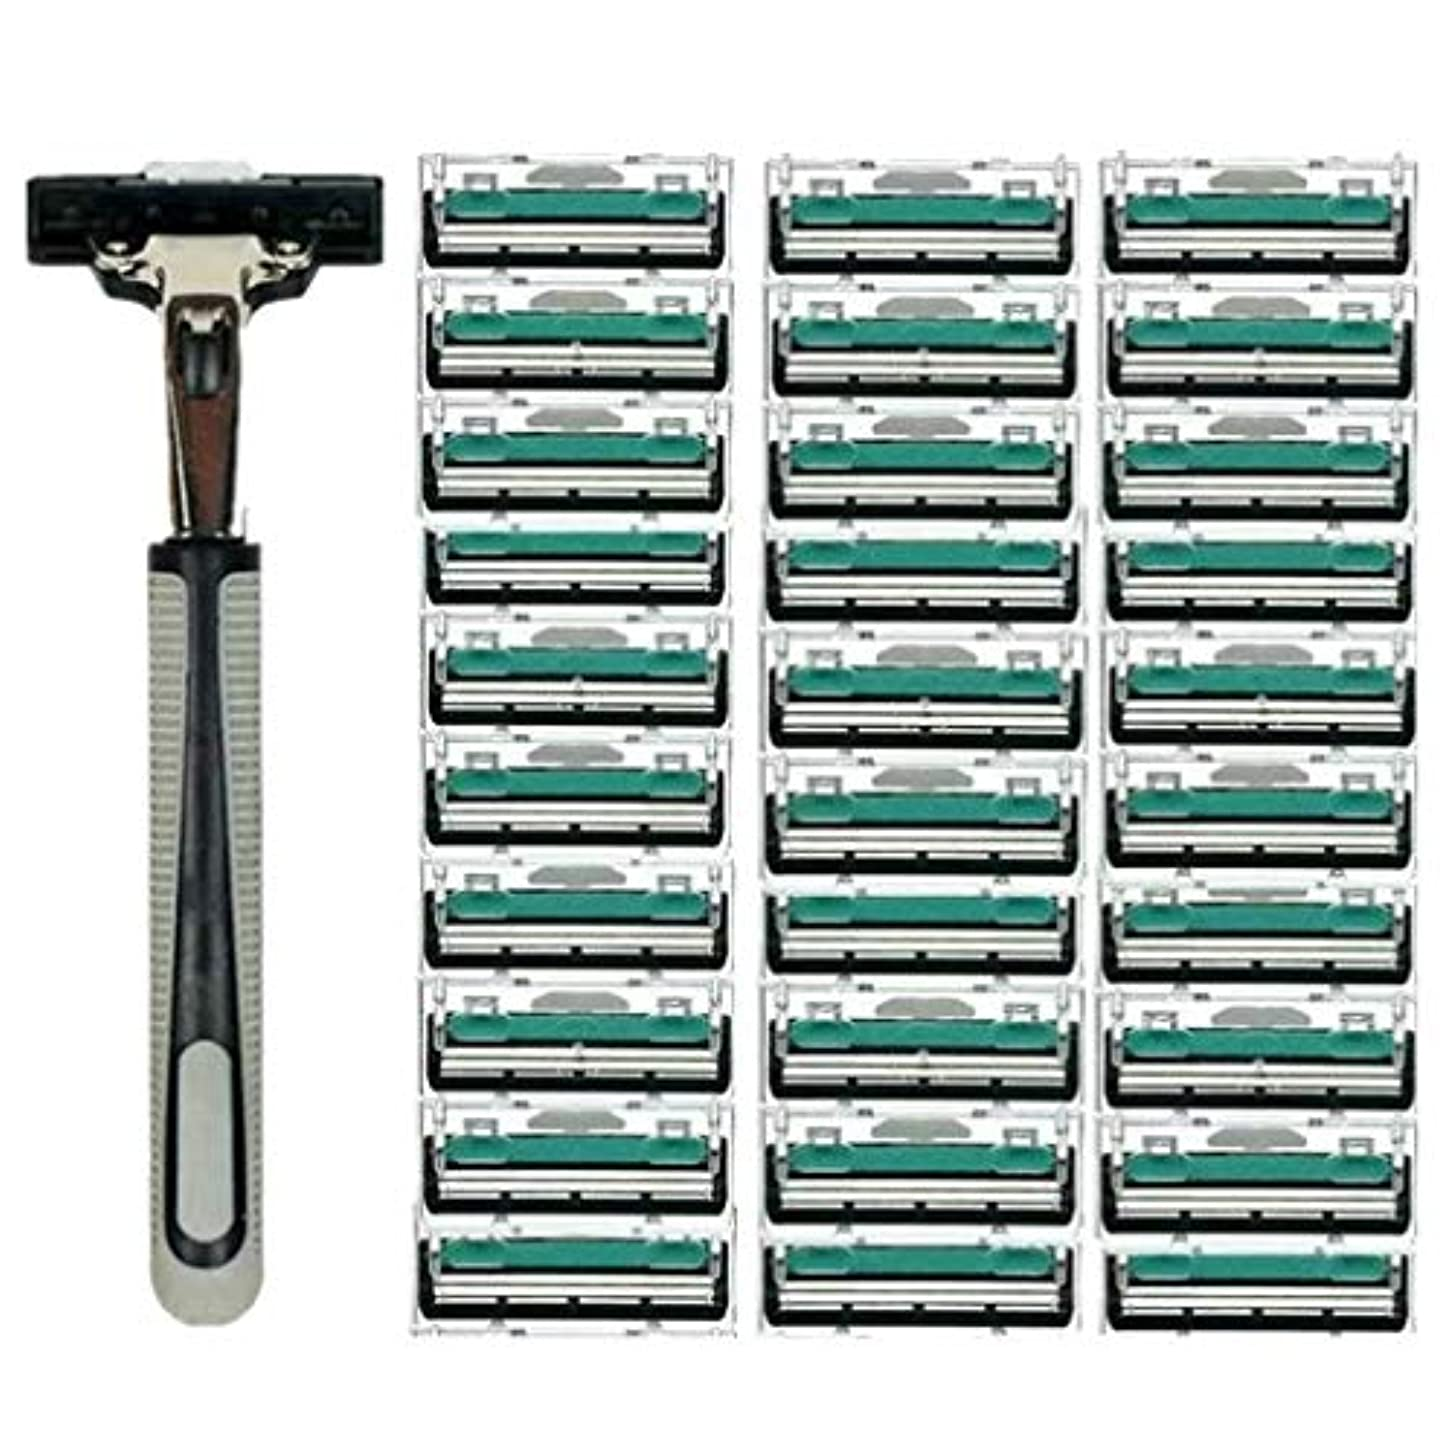 雑品効率連結するTopFires 髭剃り 男性カミソリ 替刃30個付 安全性 大容量 … 【品質保証】